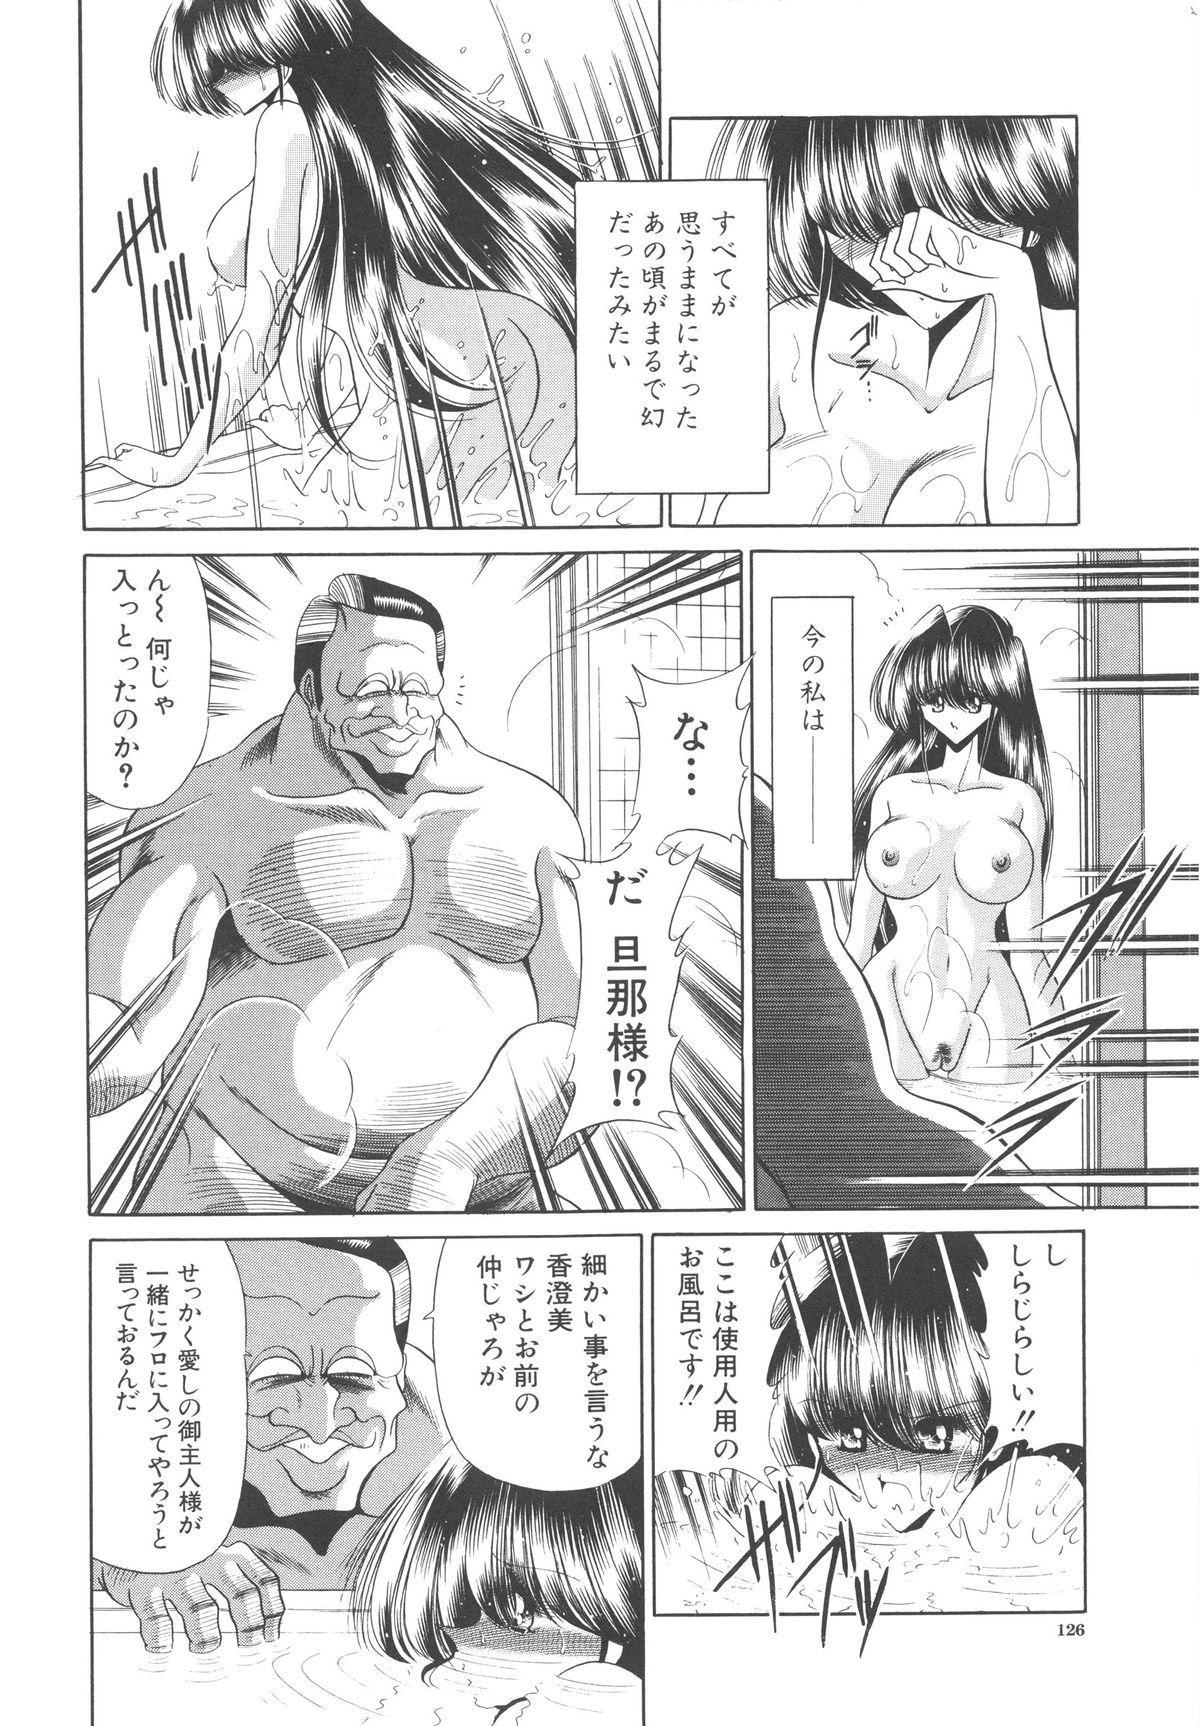 Aware na Shoujo no Hanashi 126